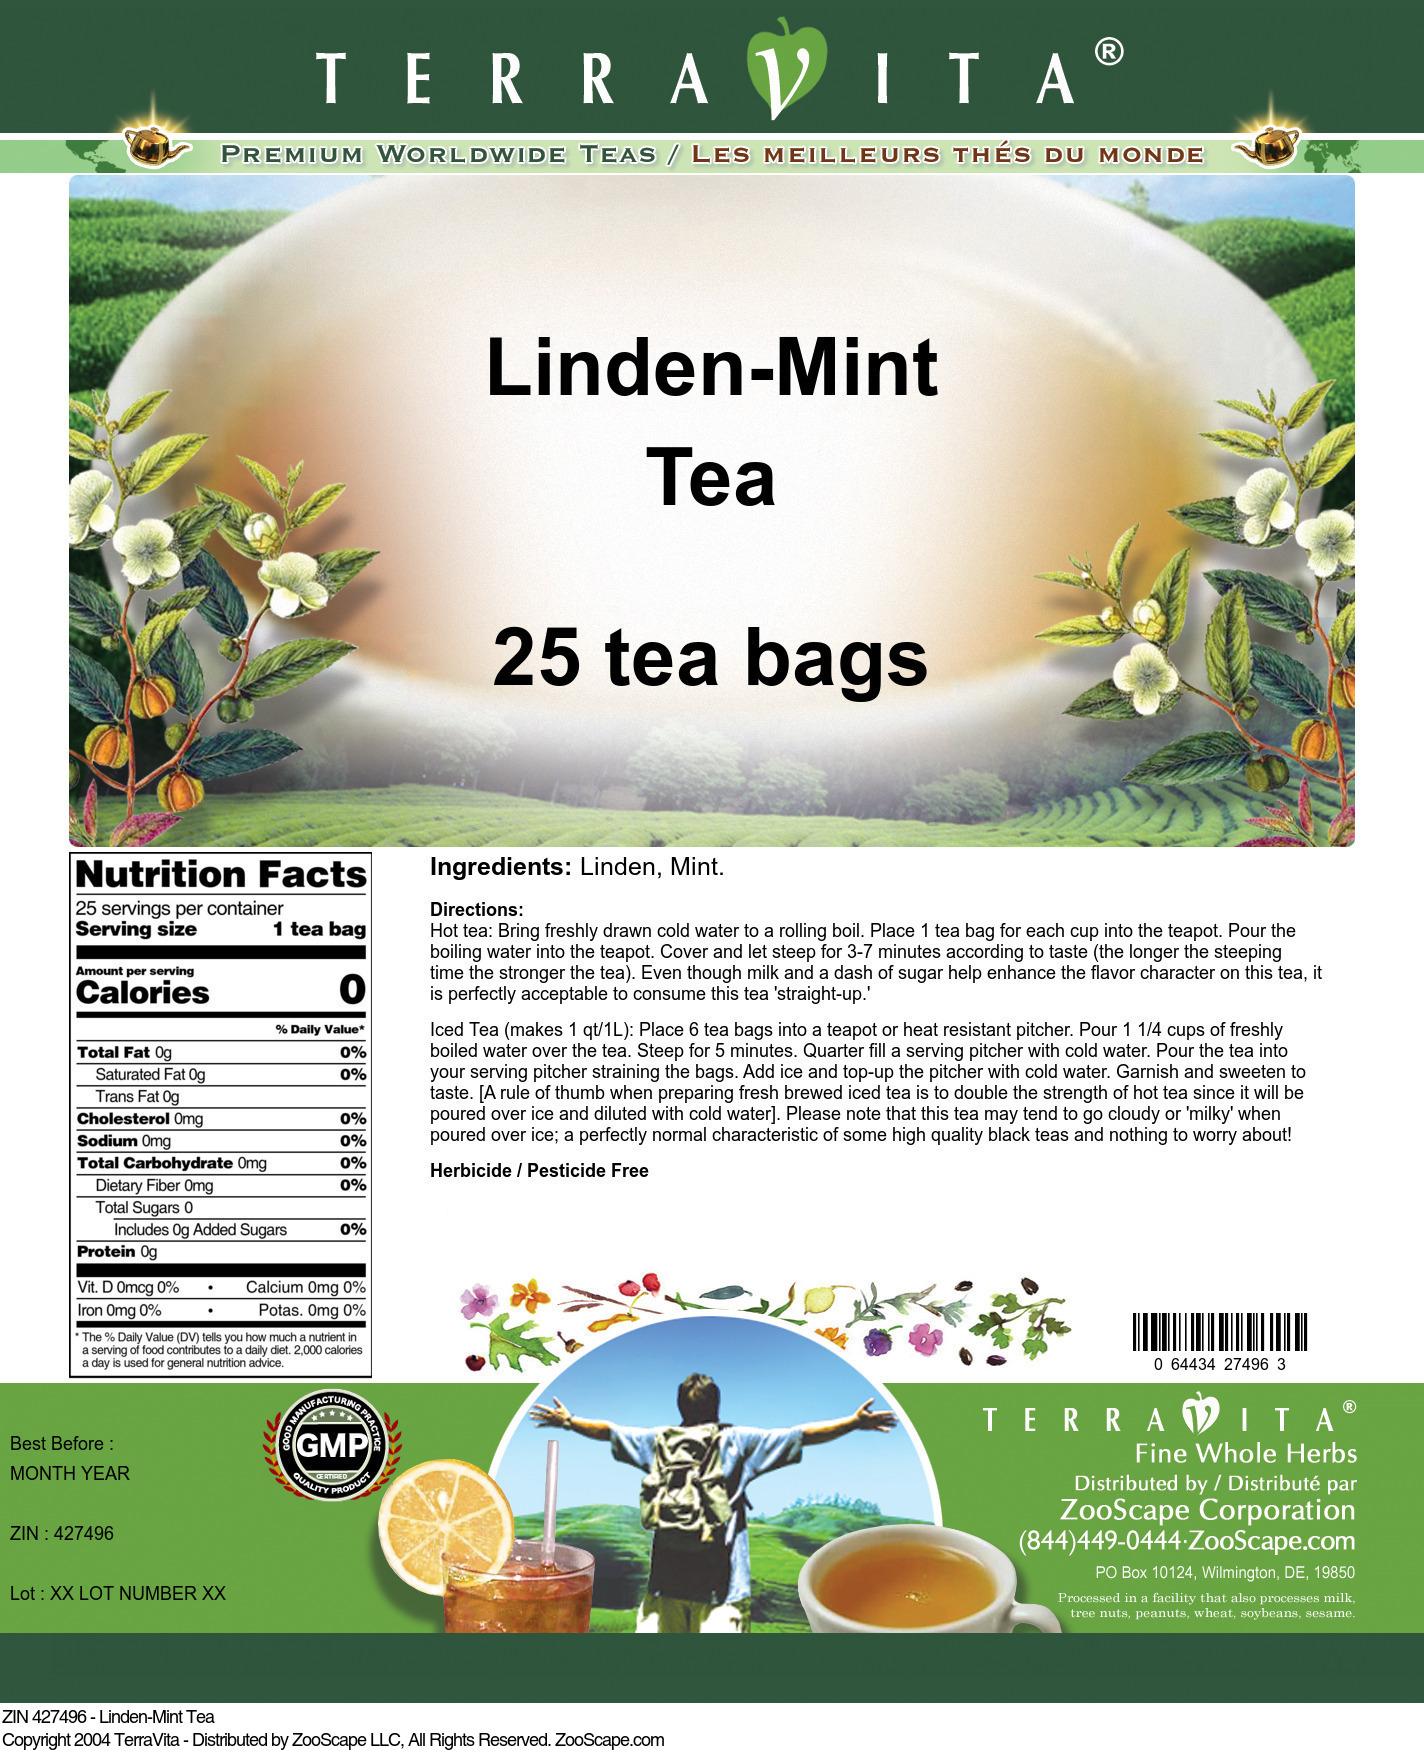 Linden-Mint Tea